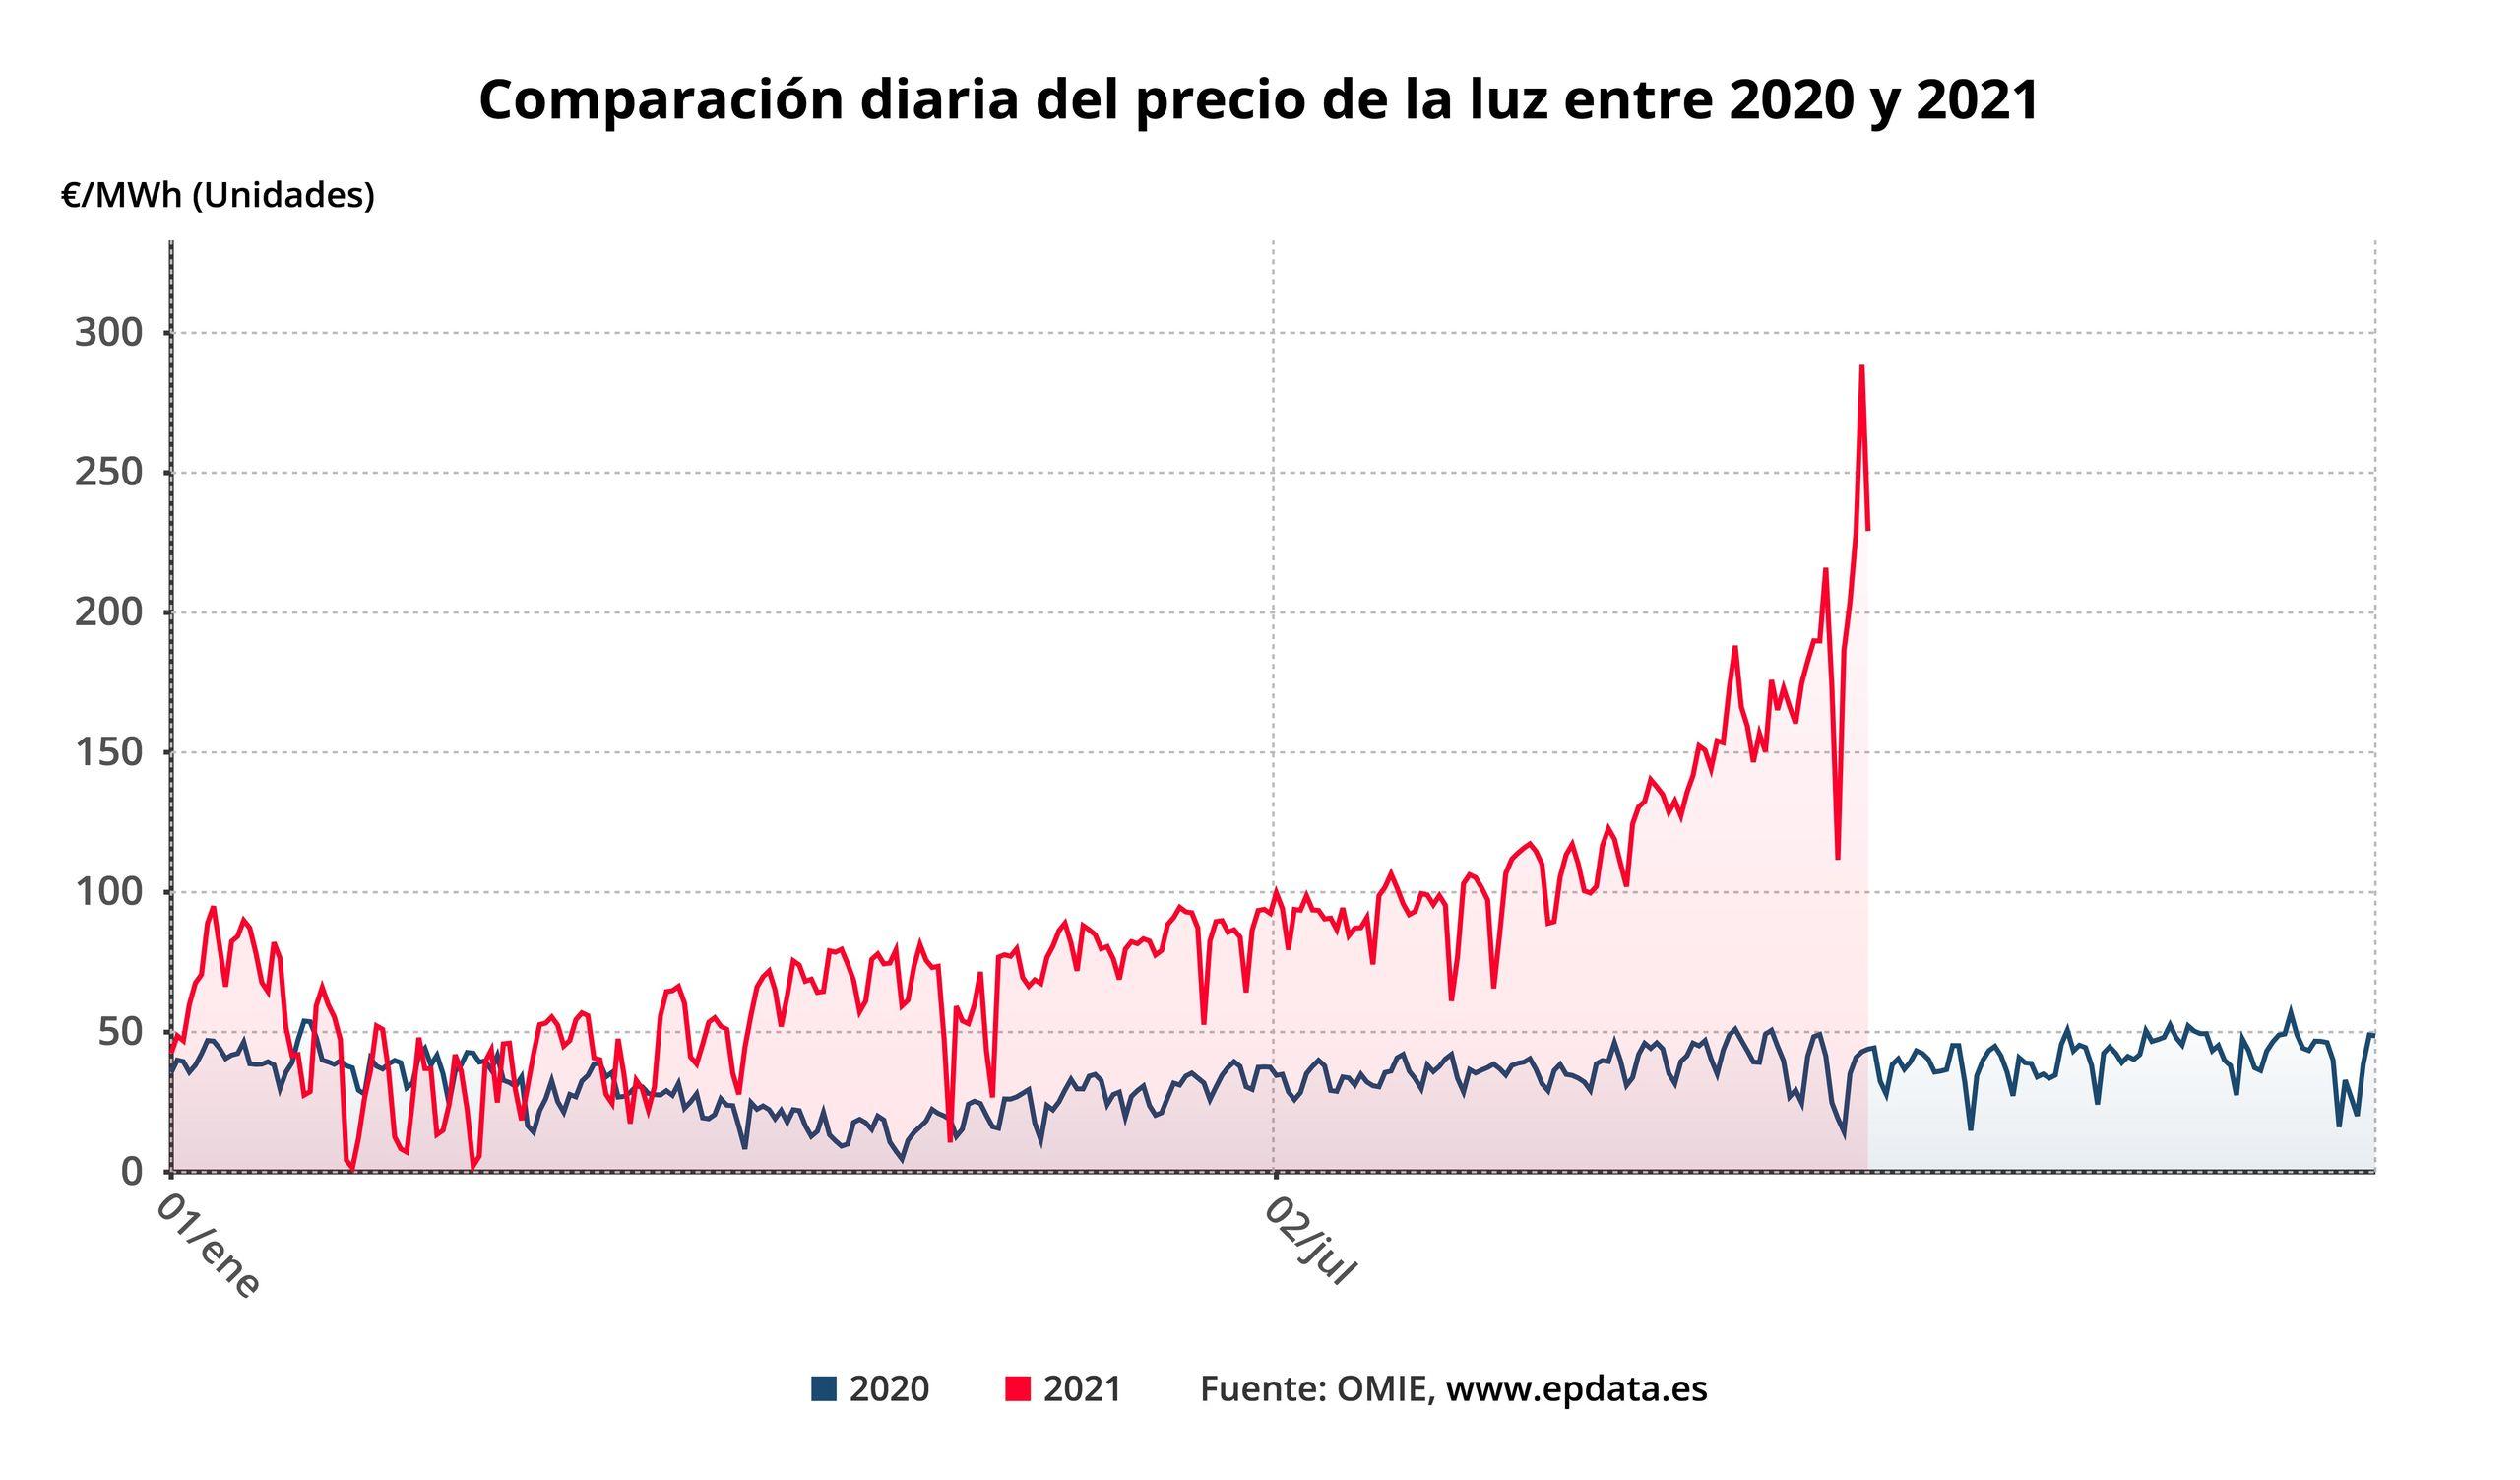 comparaciondiariadelpreciodelaluzentre2020y2021.jpg